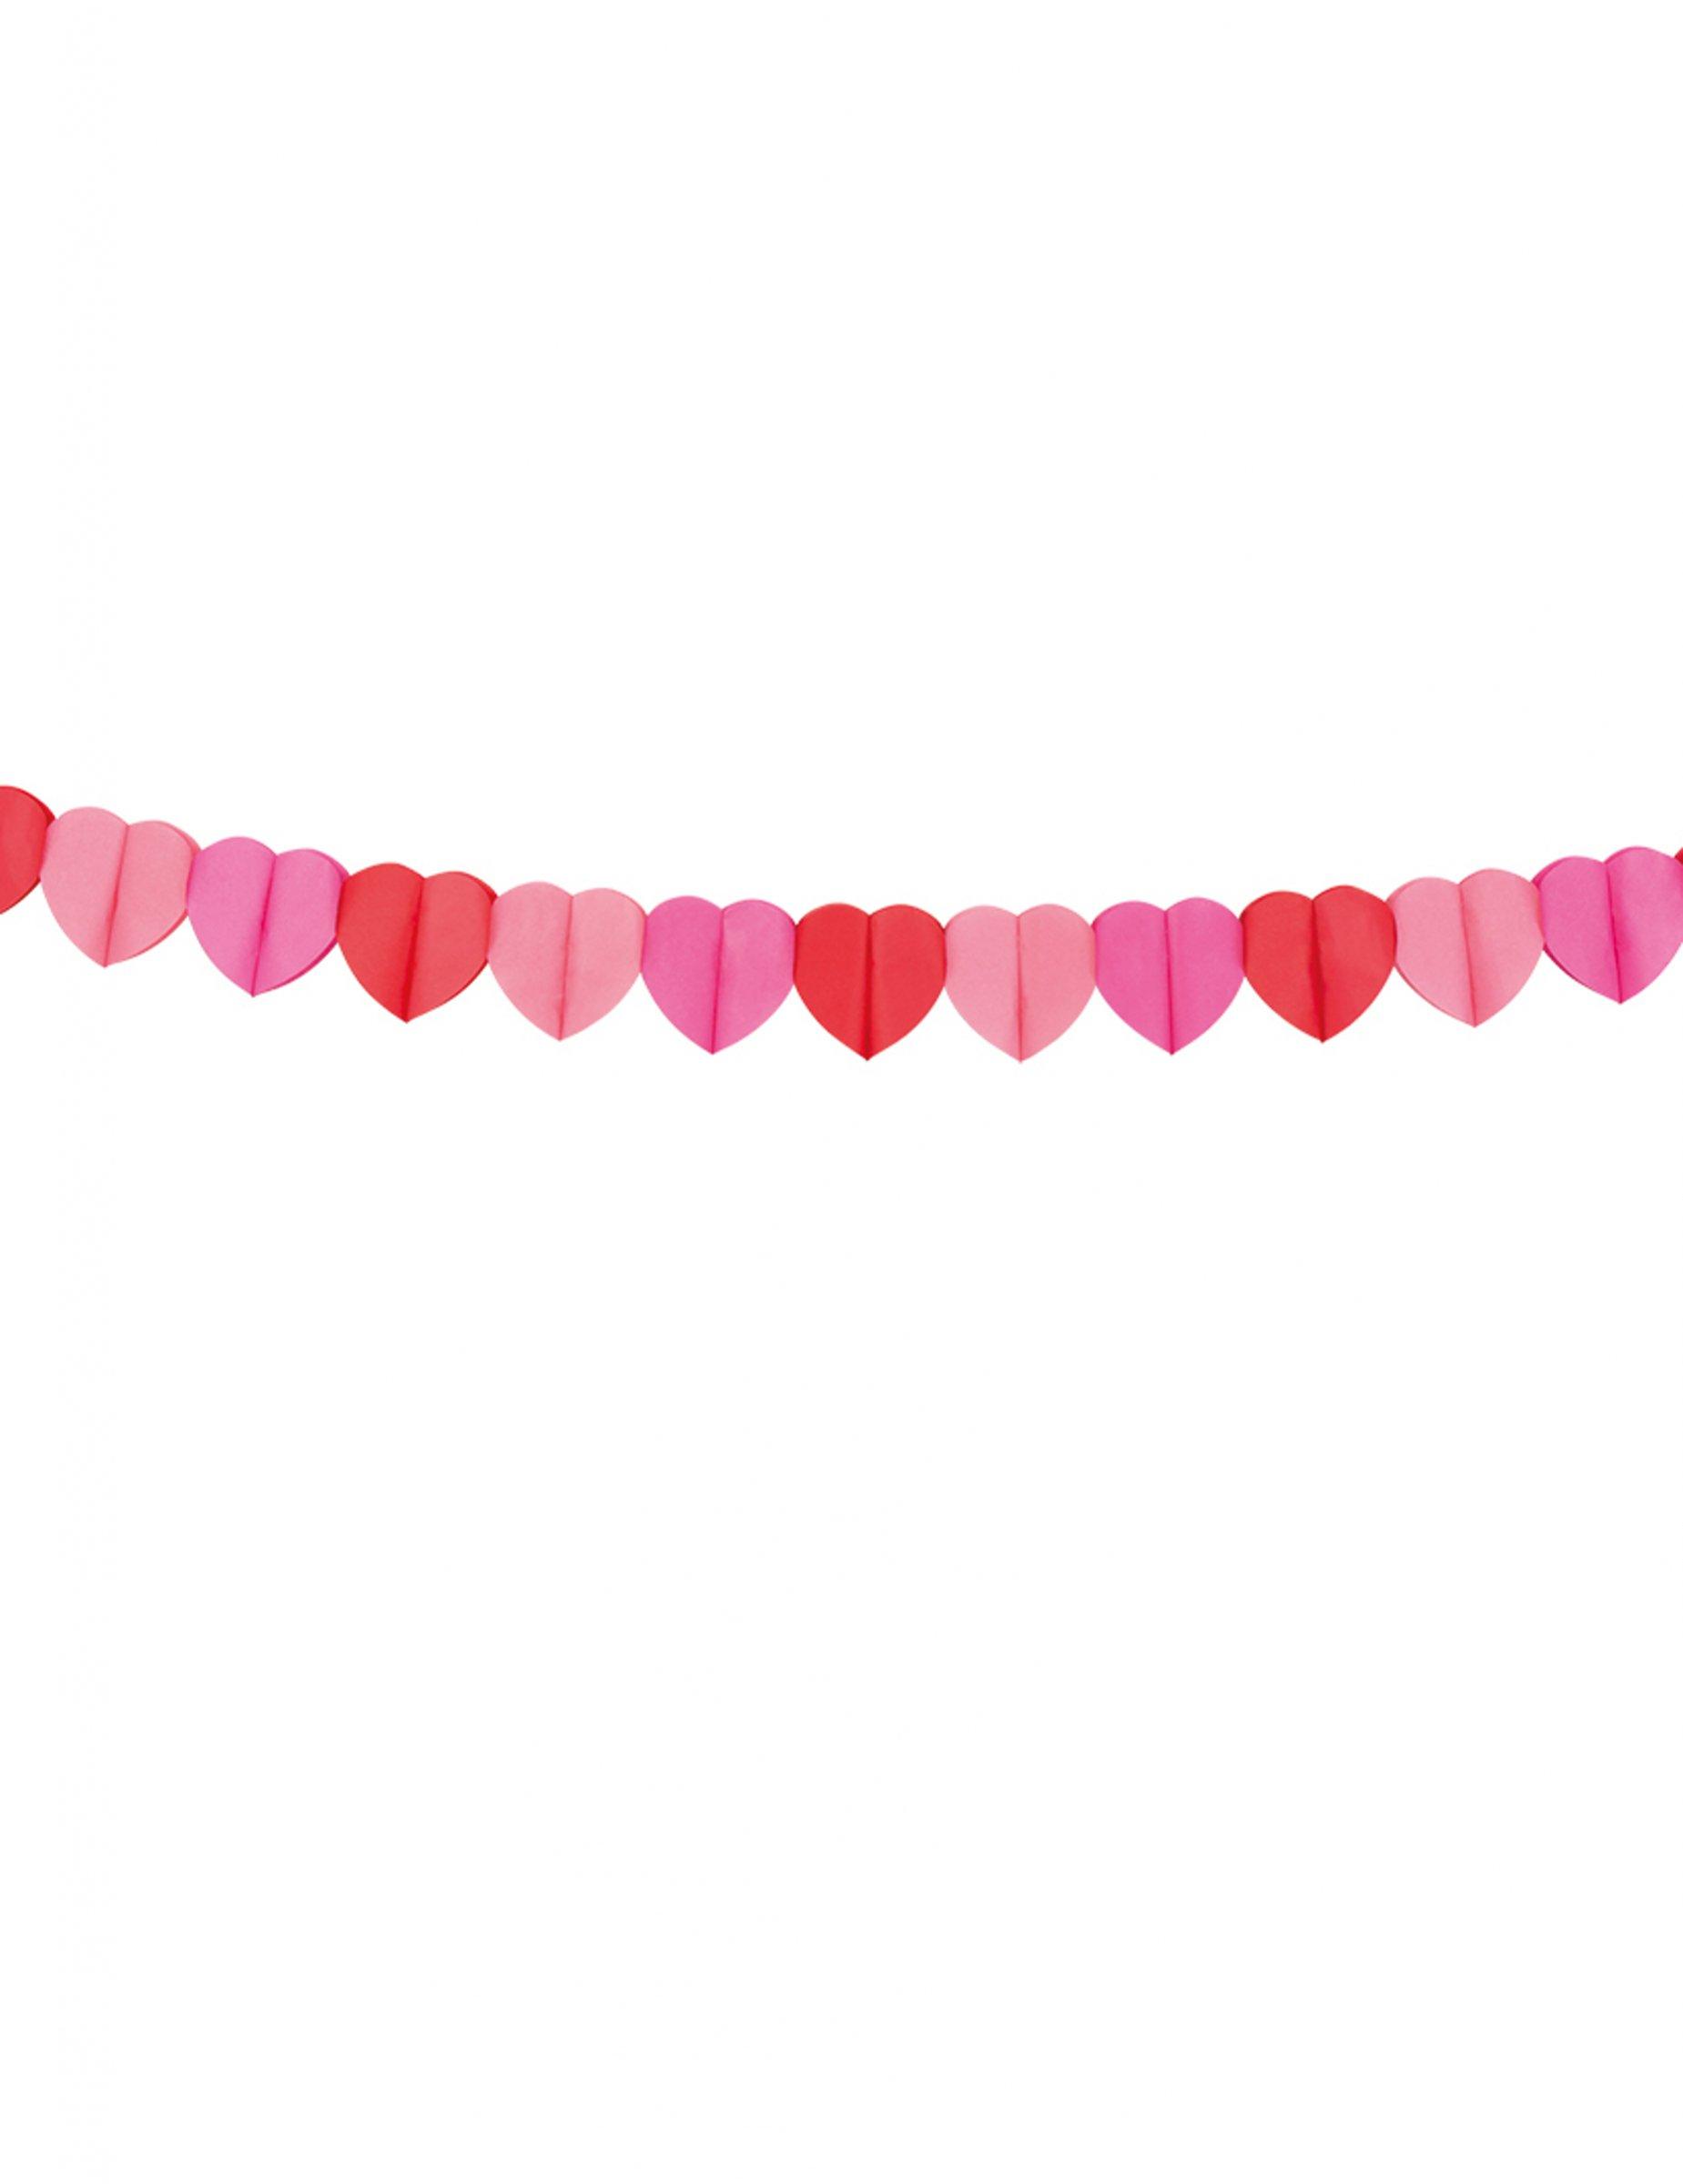 Herz Girlande Aus Papier 4 Meter Partydeko Und Günstige